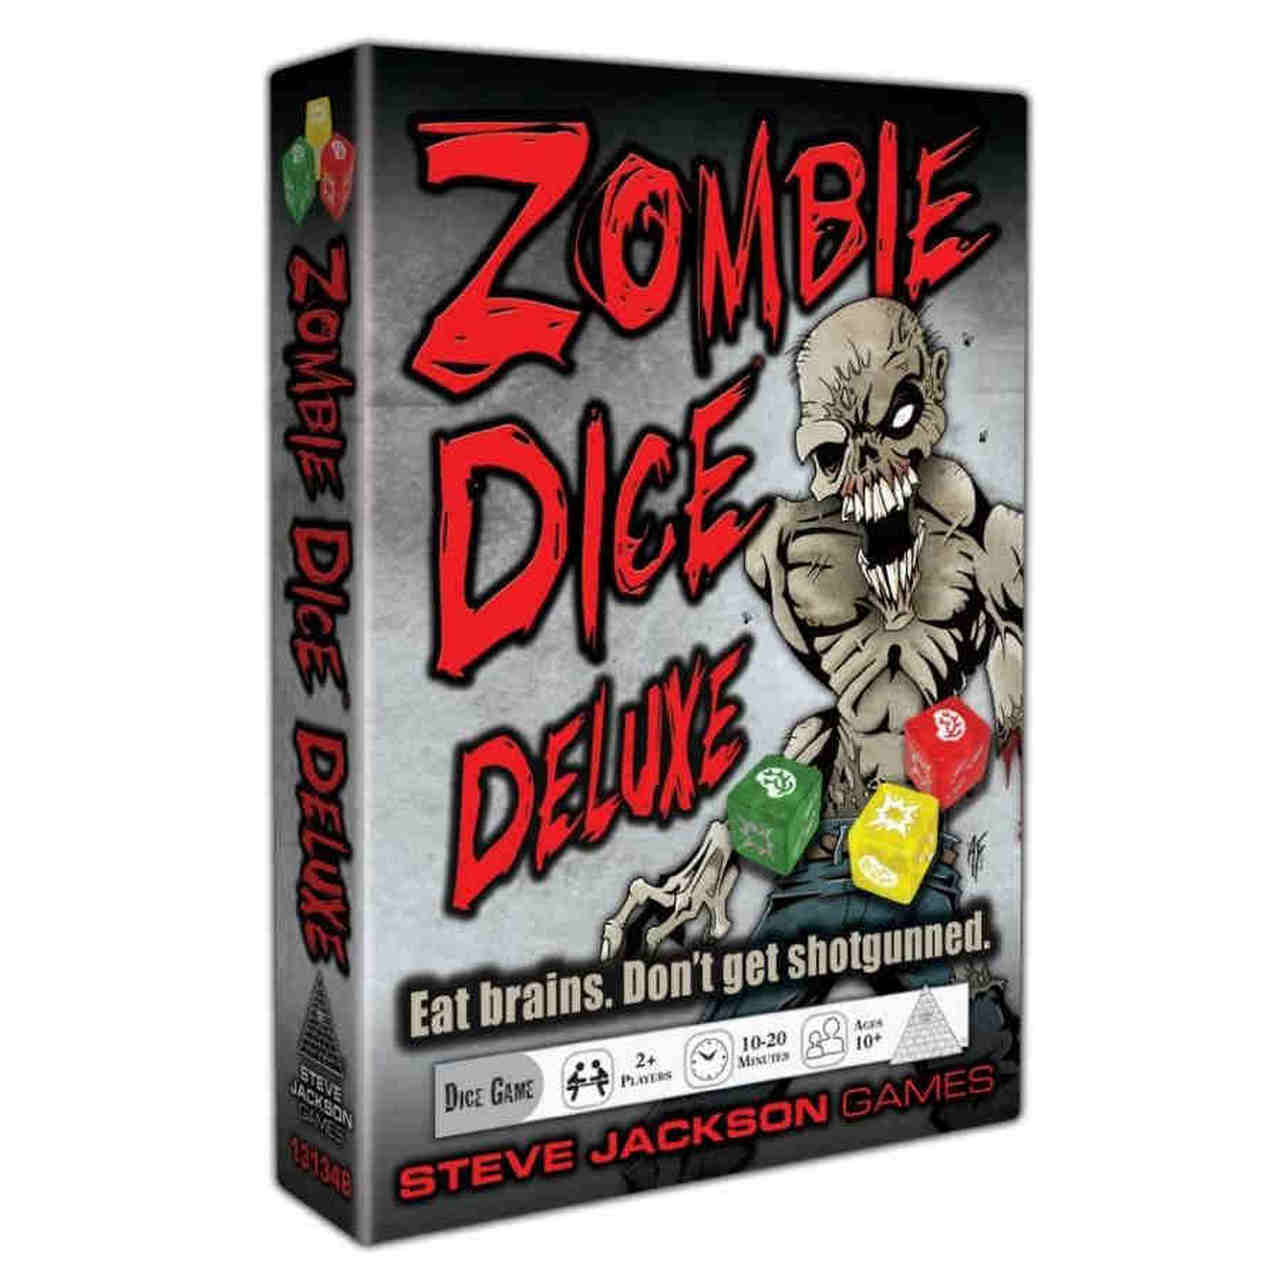 Zombie Dice Deluxe